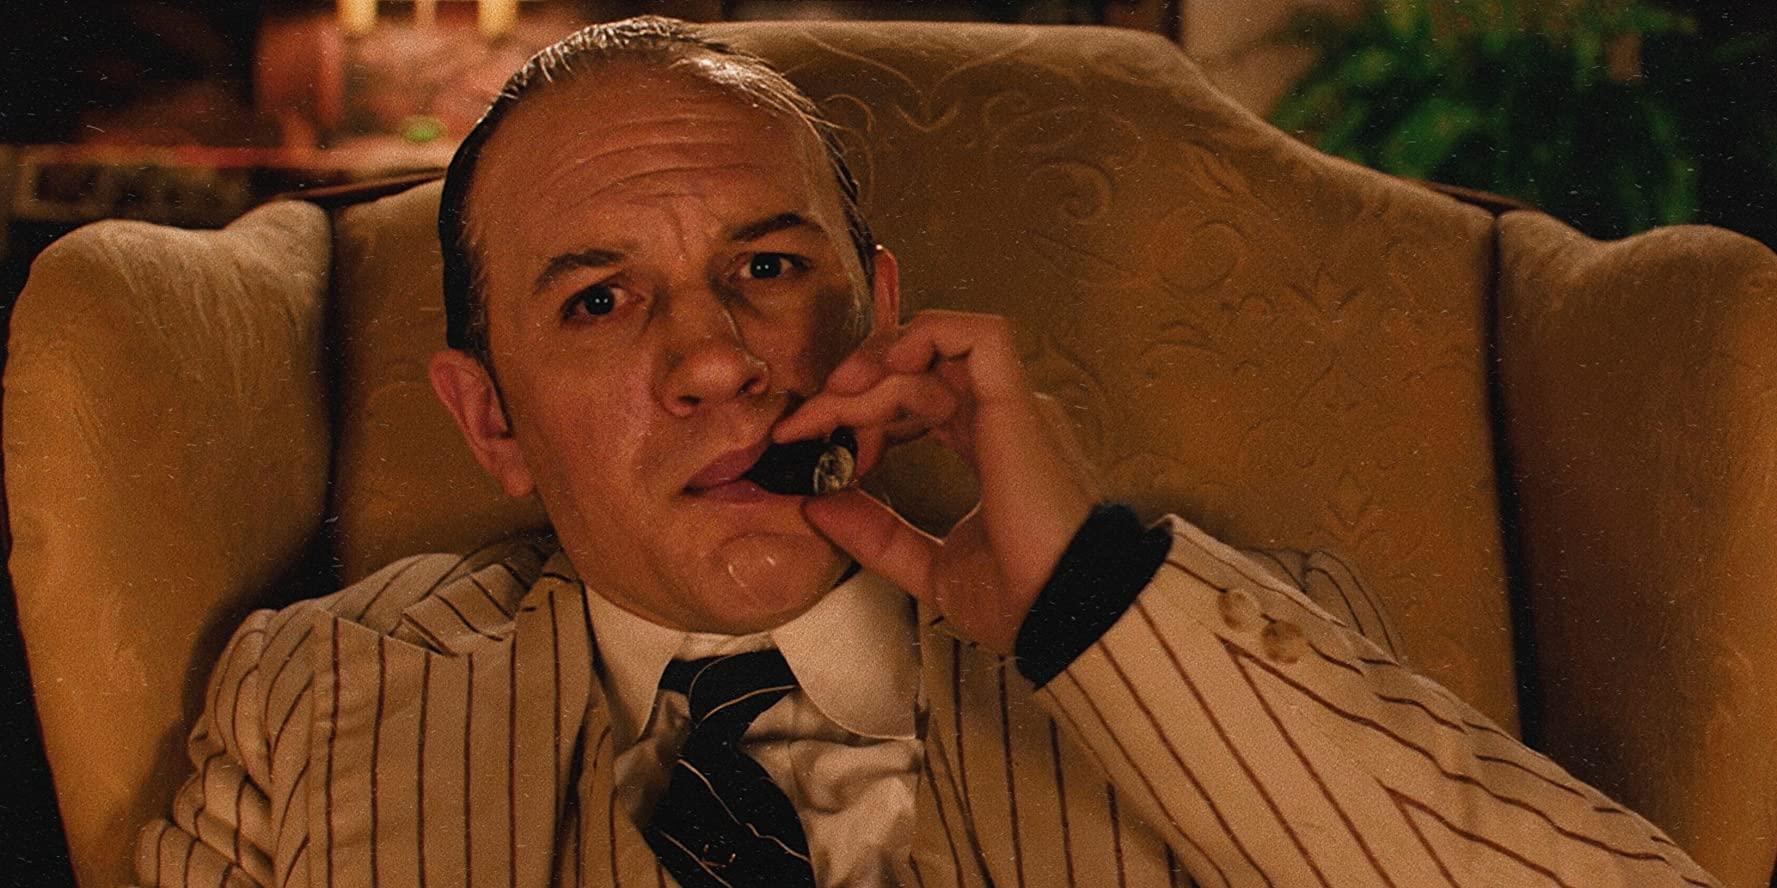 El actor británico Tom Hardy caracterizado como Al Capone para el nuevo biopic de Josh Tank.